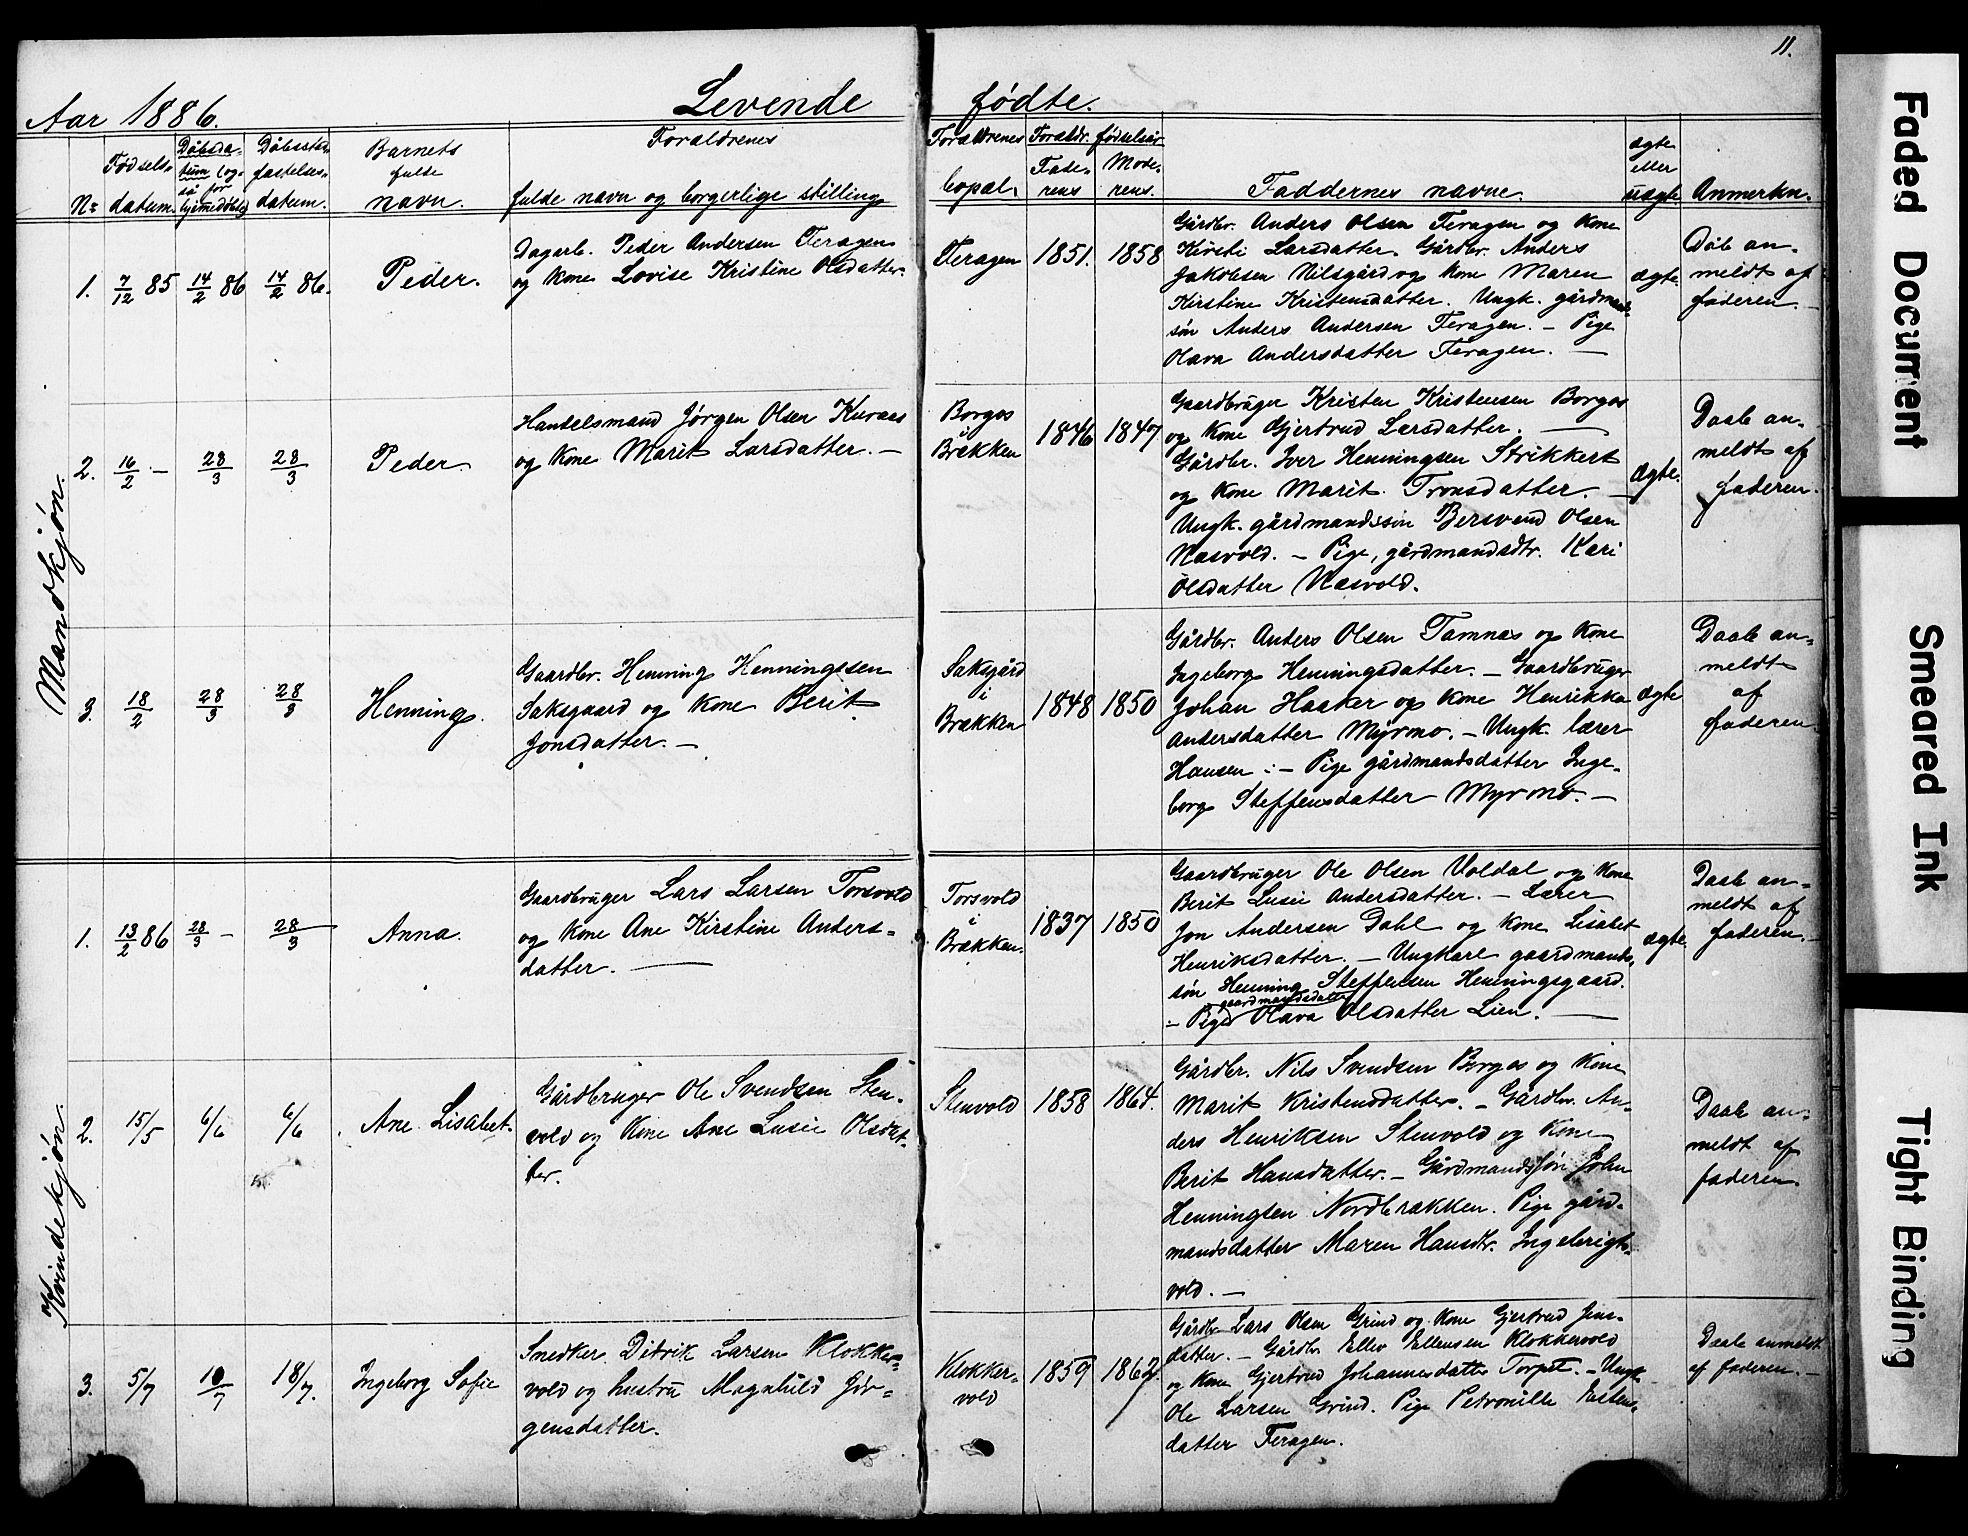 SAT, Ministerialprotokoller, klokkerbøker og fødselsregistre - Sør-Trøndelag, 683/L0949: Klokkerbok nr. 683C01, 1880-1896, s. 11